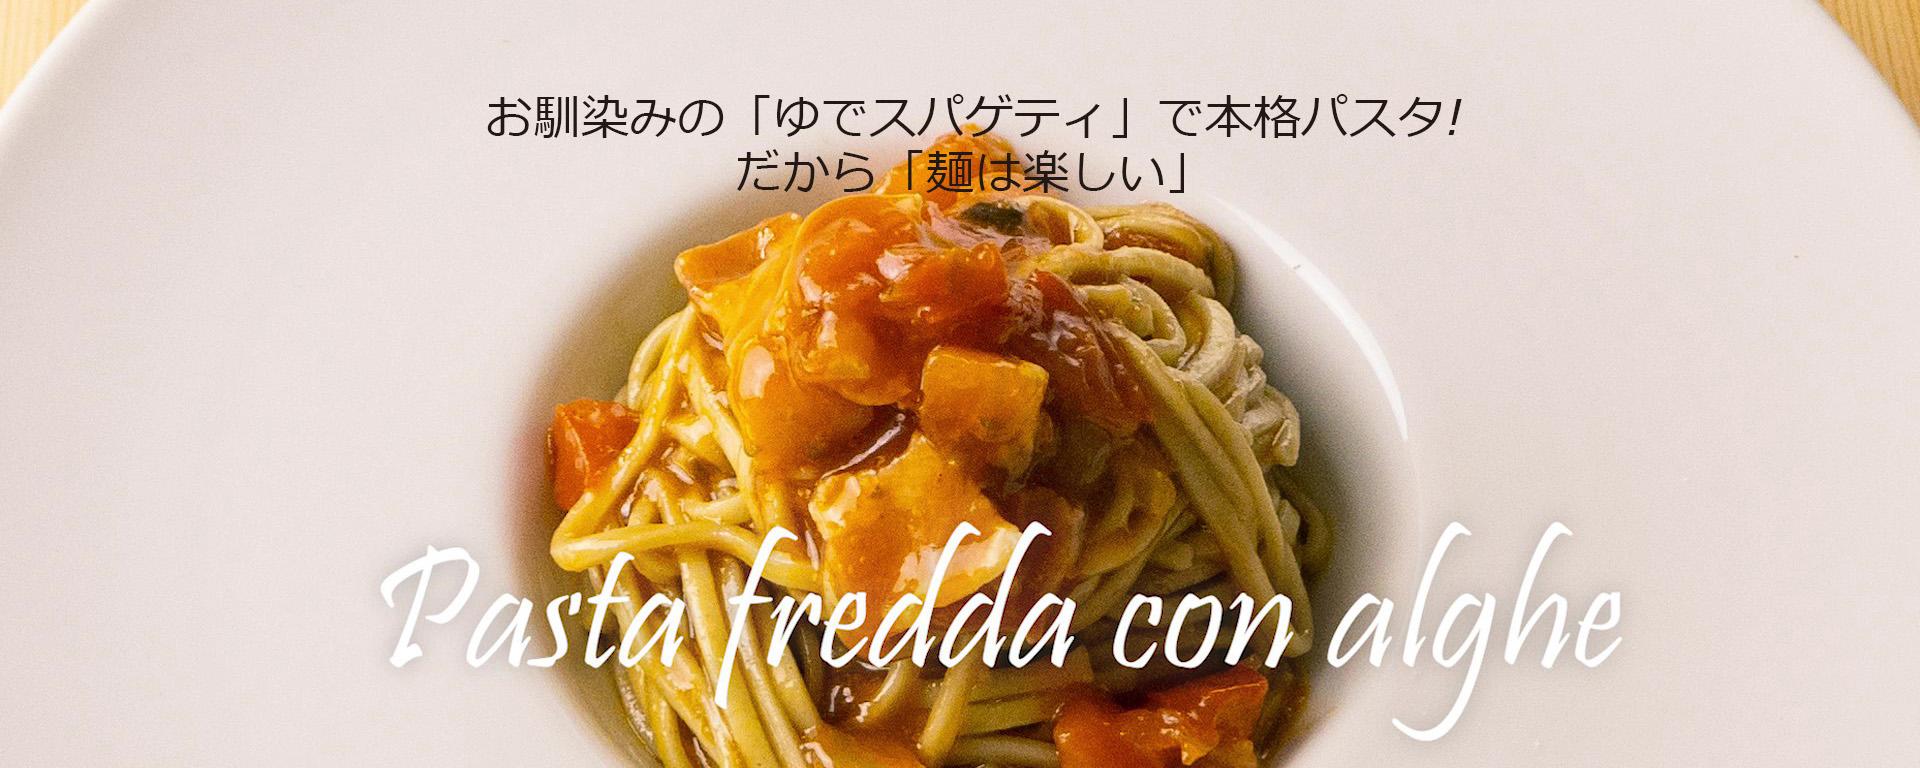 お馴染の「ゆでスパゲティ」で本格パスタ